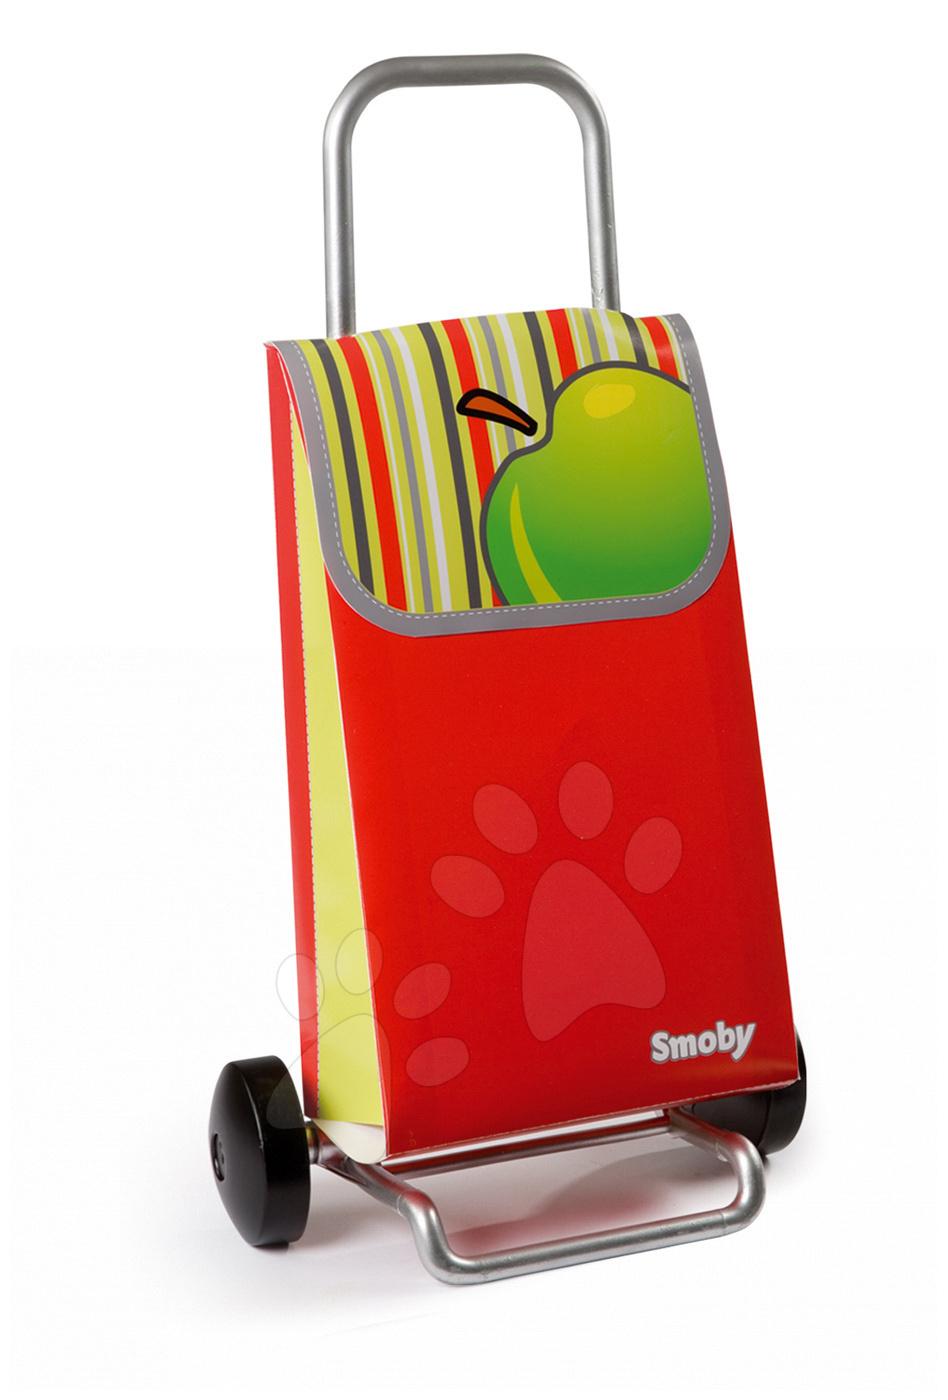 Obchody pro děti - Nákupní taška Smoby na kolečkách s jablečným vzorem